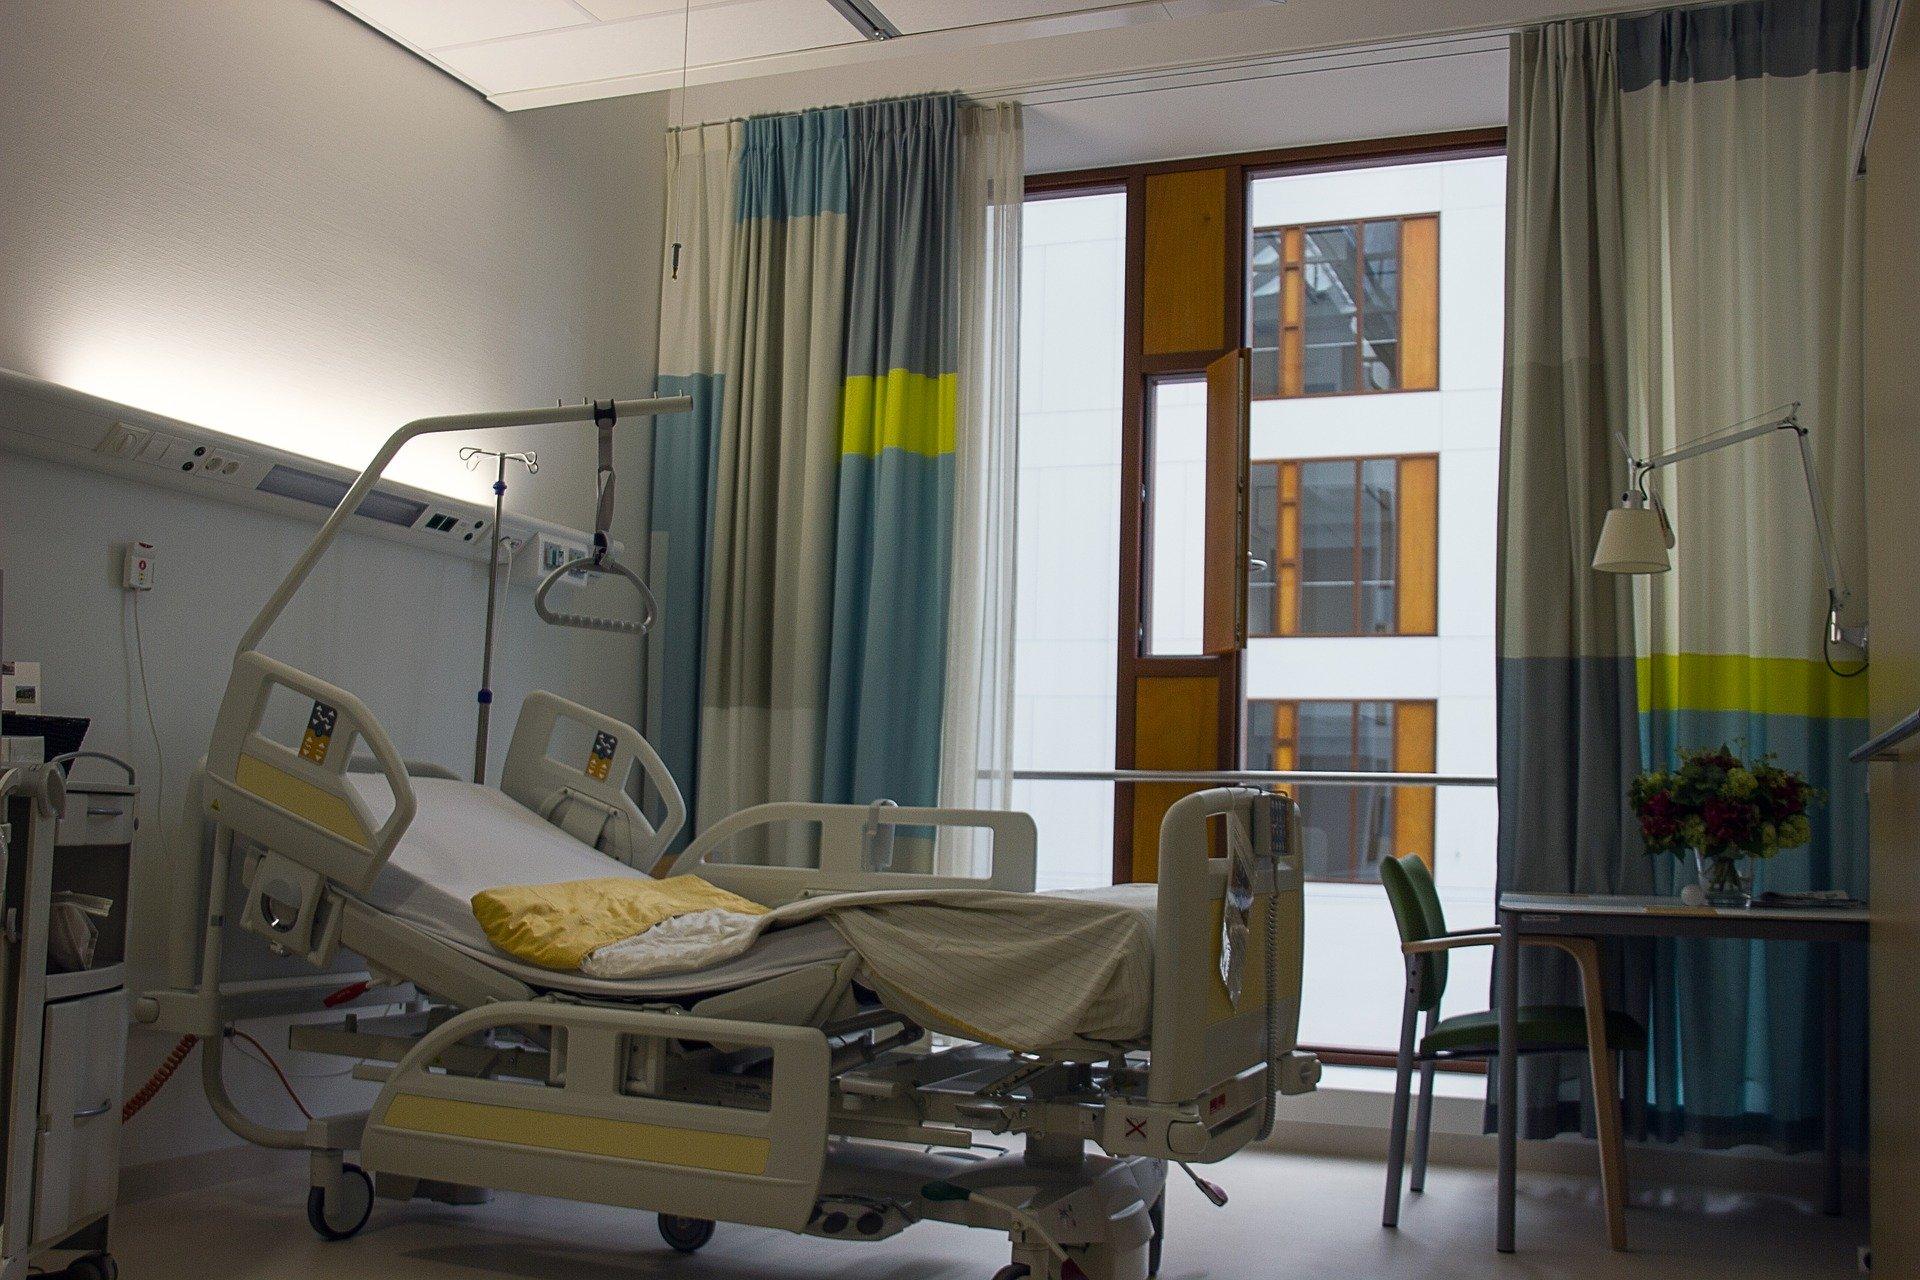 La eutanasia siempre ha sido un tema de debate interesante ya que abarca la moralidad de uno según su perspectiva sobre lo que es la vida o la muerte.